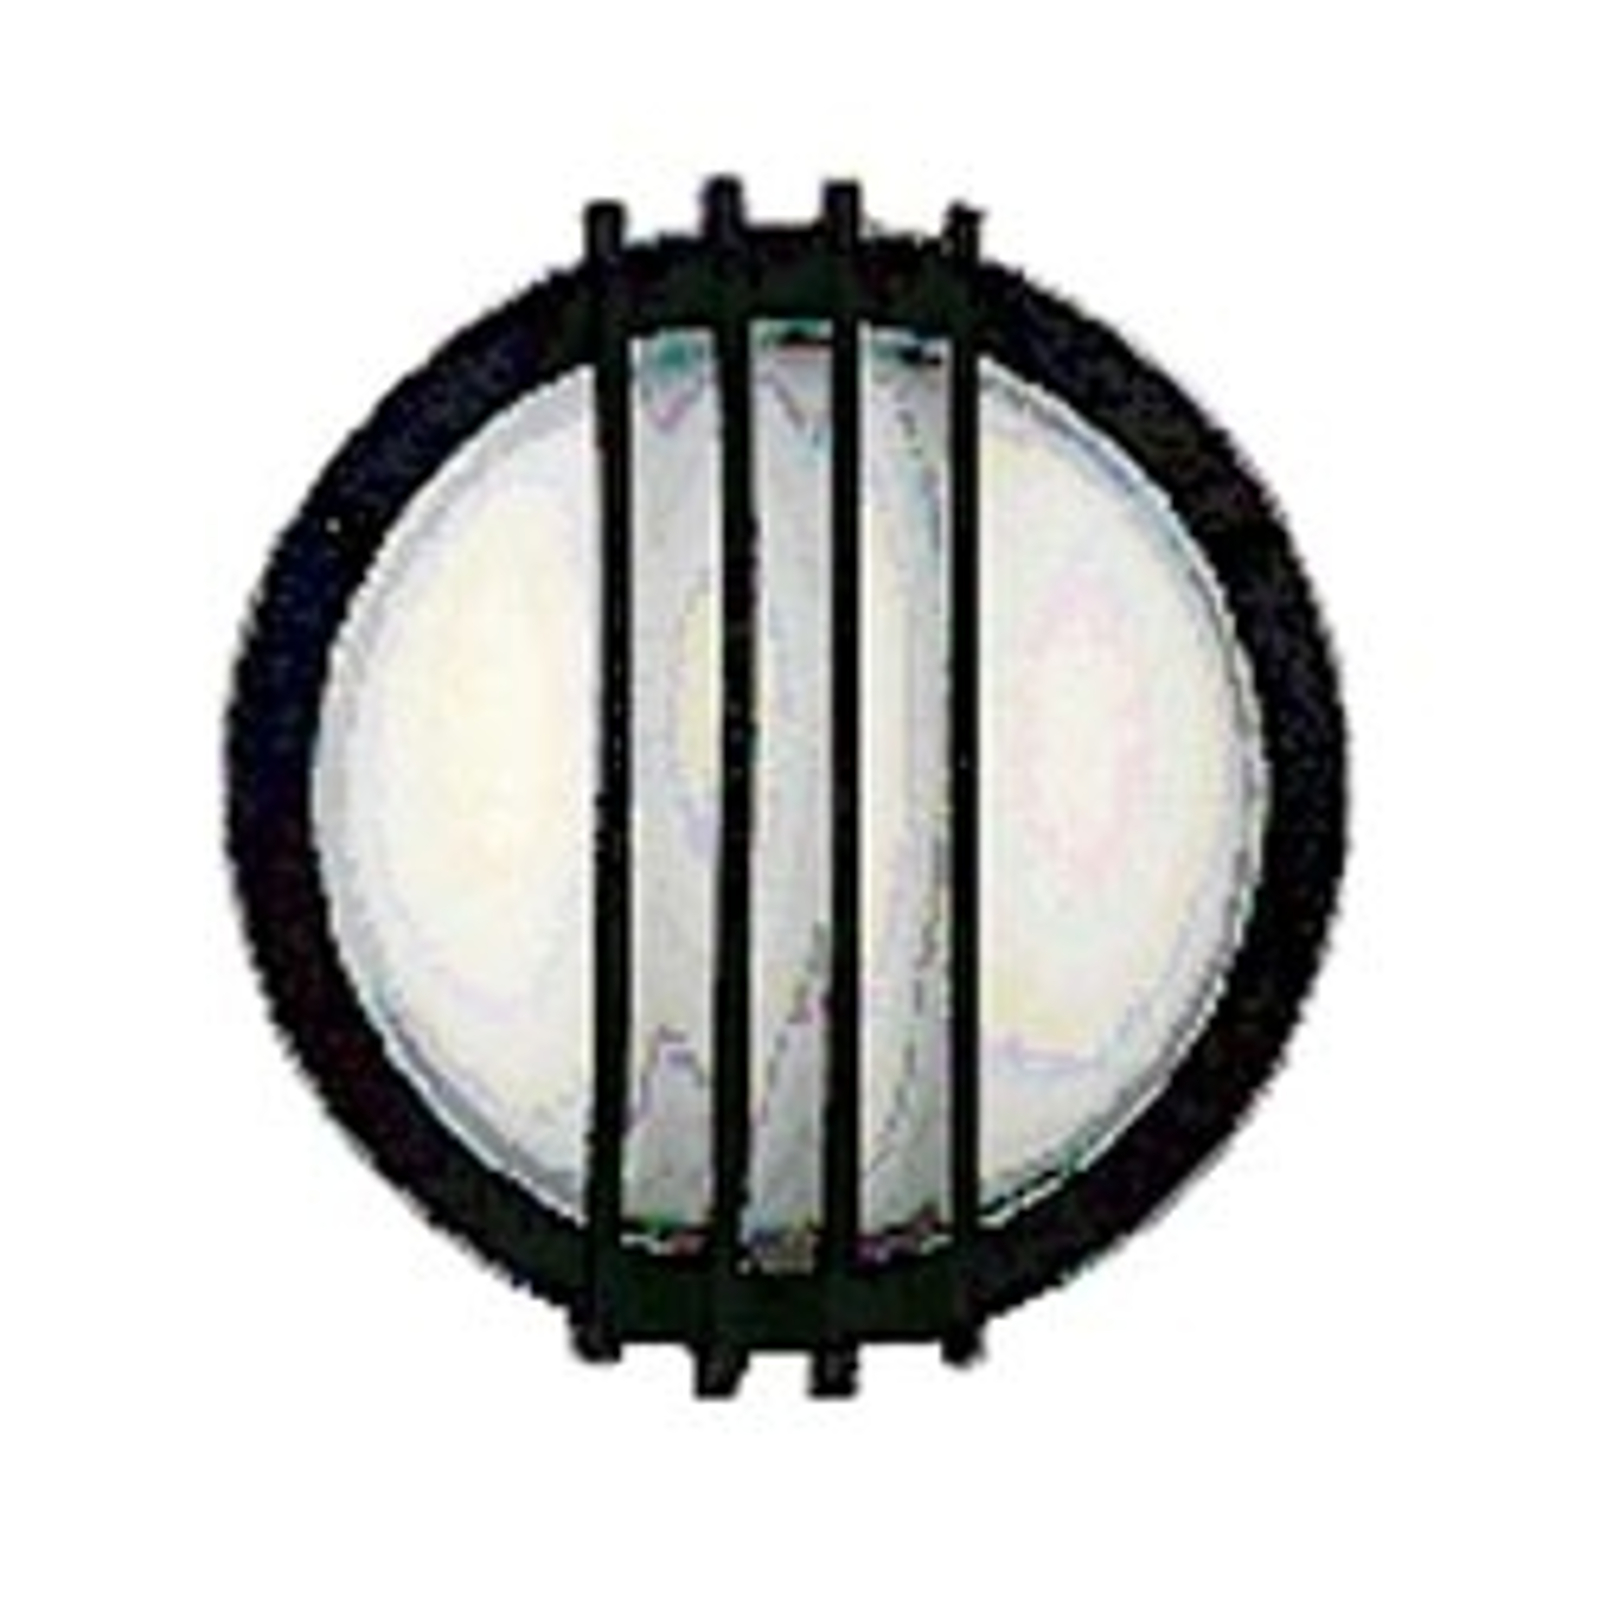 Zewnętrzna lampa sufitowa - ścienna 303 S E27